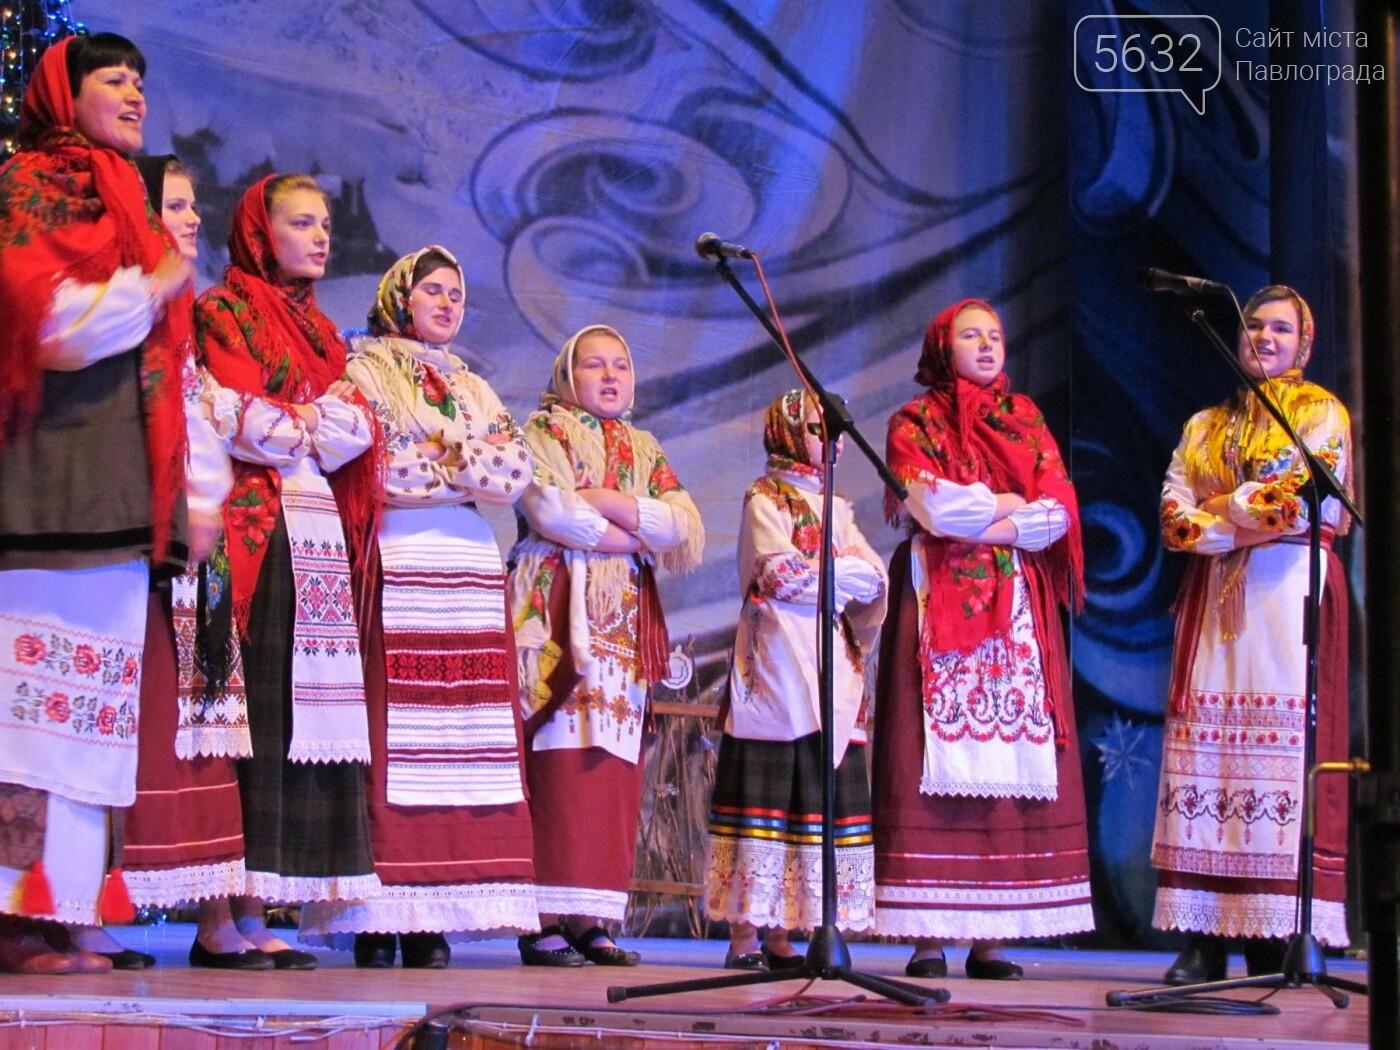 У Павлограді відбувся гала-концерт фестивалю «Різдвяна зірочка», фото-1